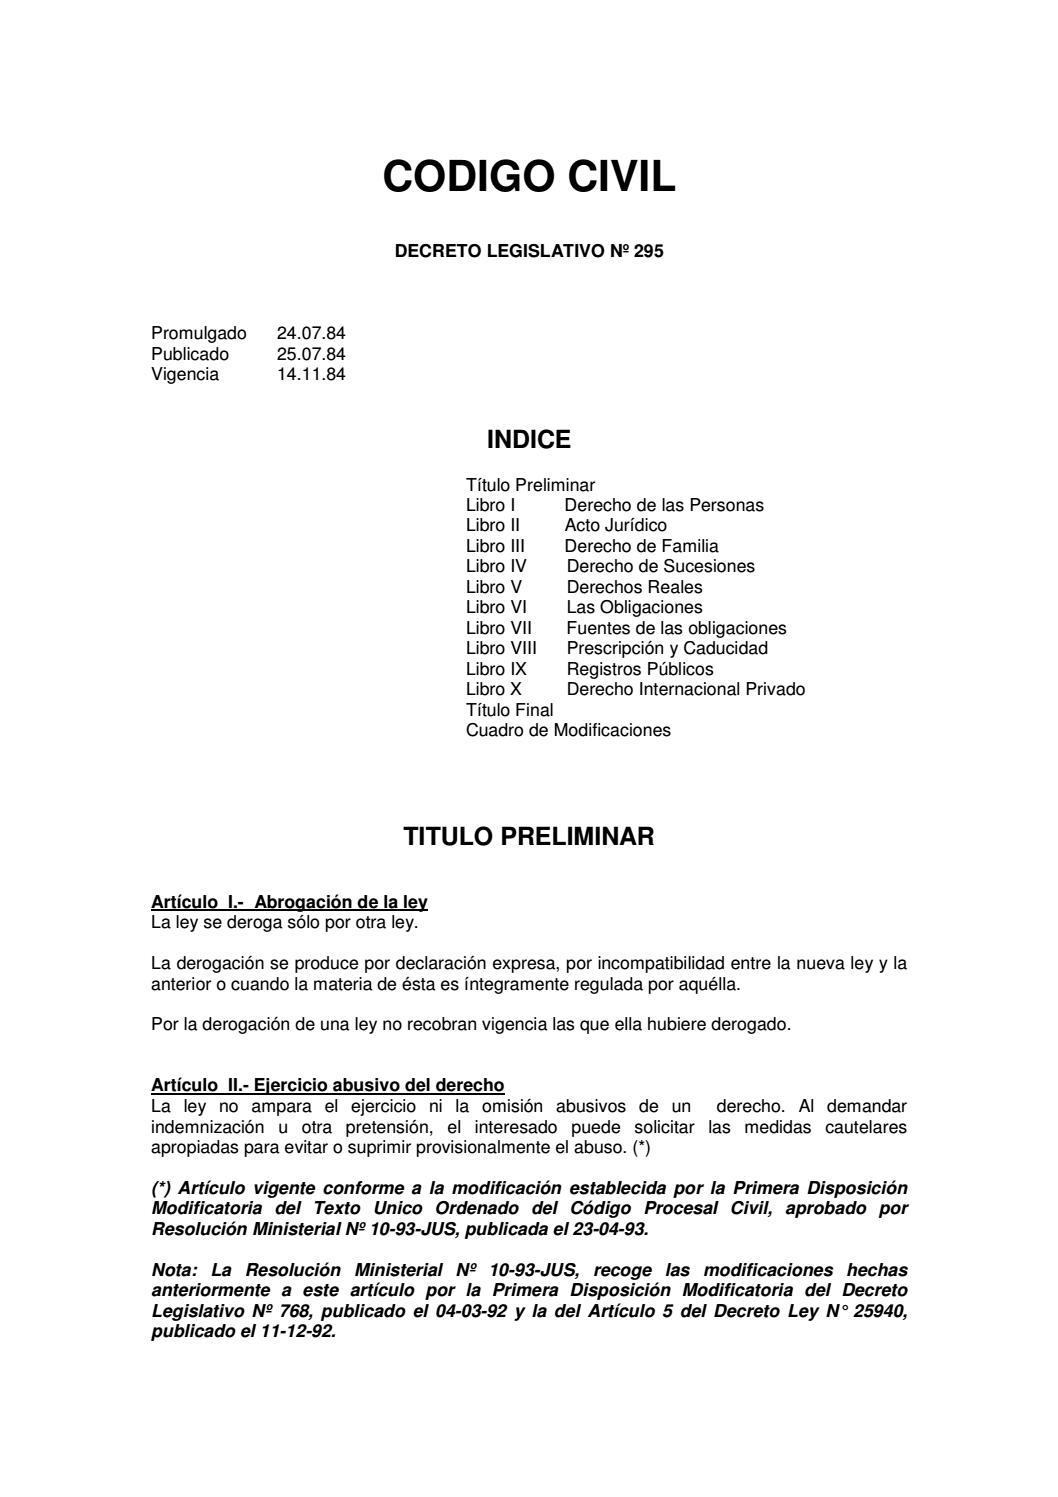 Dorable Aplicación De La Ley Reanudar Ejemplos De Declaración ...